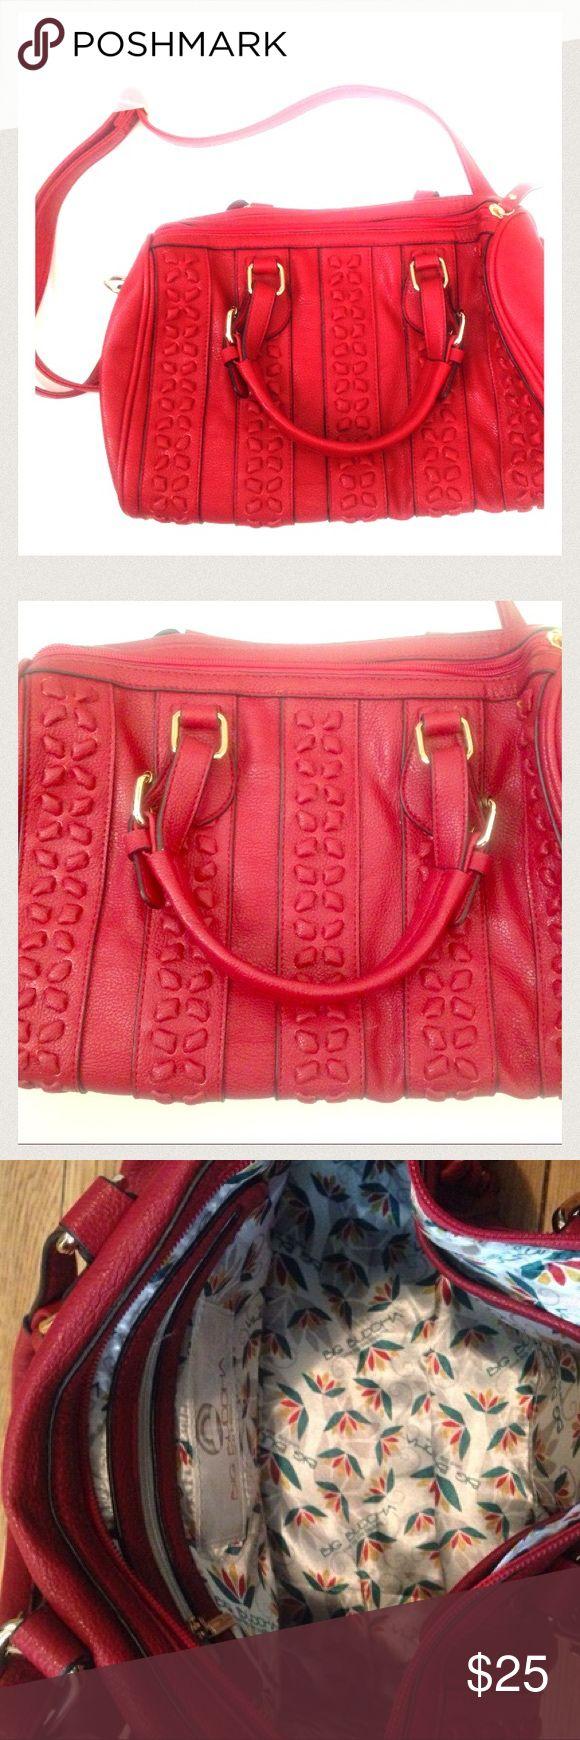 Big Buddha bag Big Buddha red handbag. Adjustable strap.can be used as a crossbody or handbag. Never been used. Big Buddha Bags Crossbody Bags